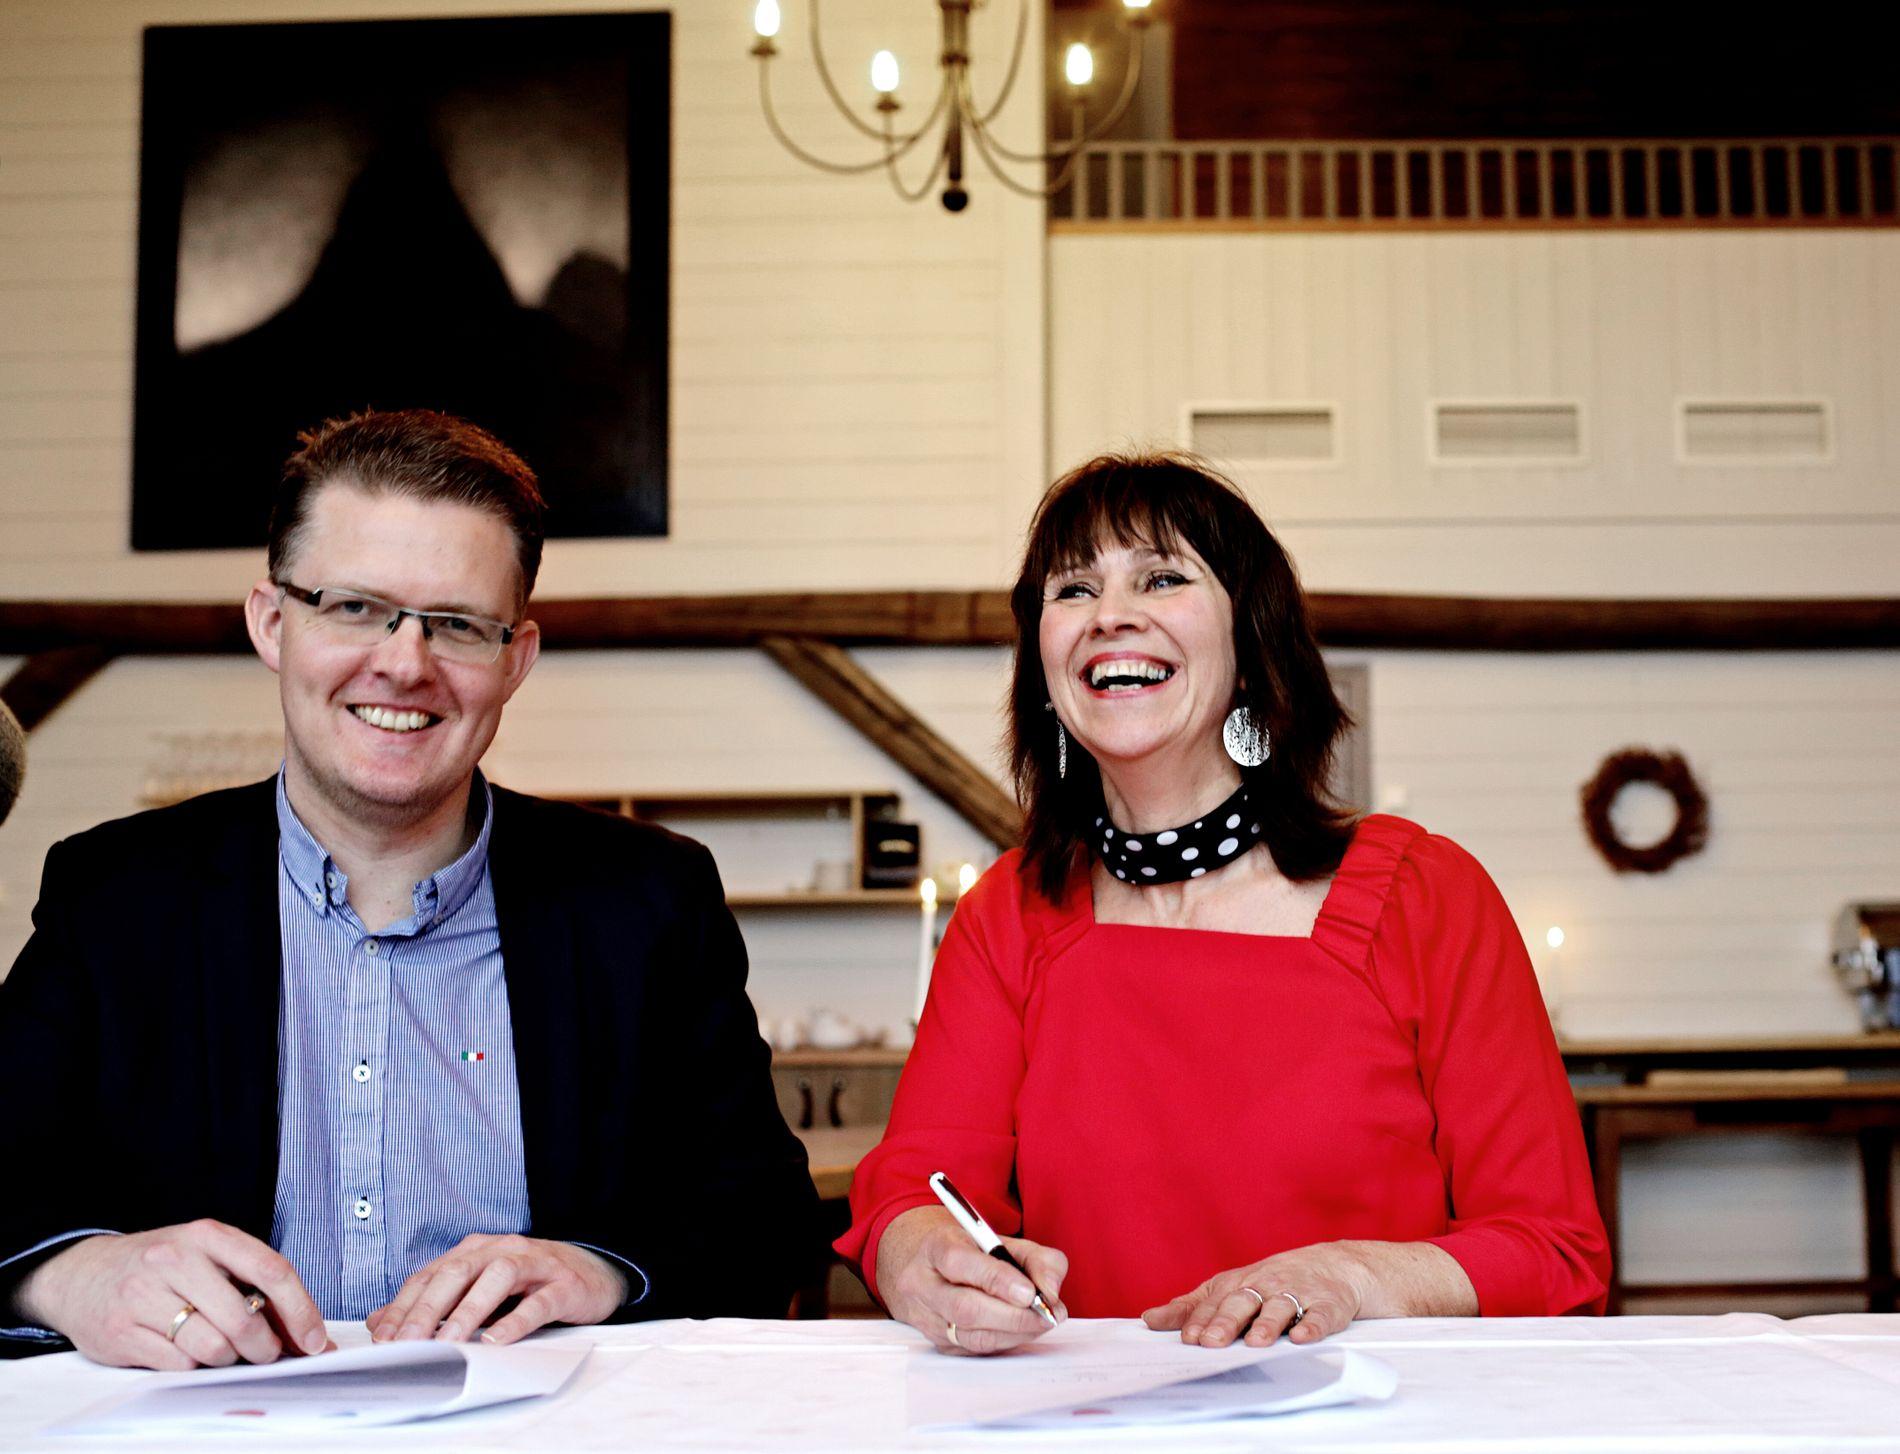 ENIGE: Det var god stemning da fylkesvaraordfører Pål Kårbø (Hordaland) og Jenny Følling (Sogn og Fjordane) i januar 2017 signerte en intensjonsavtale om å slå seg sammen.